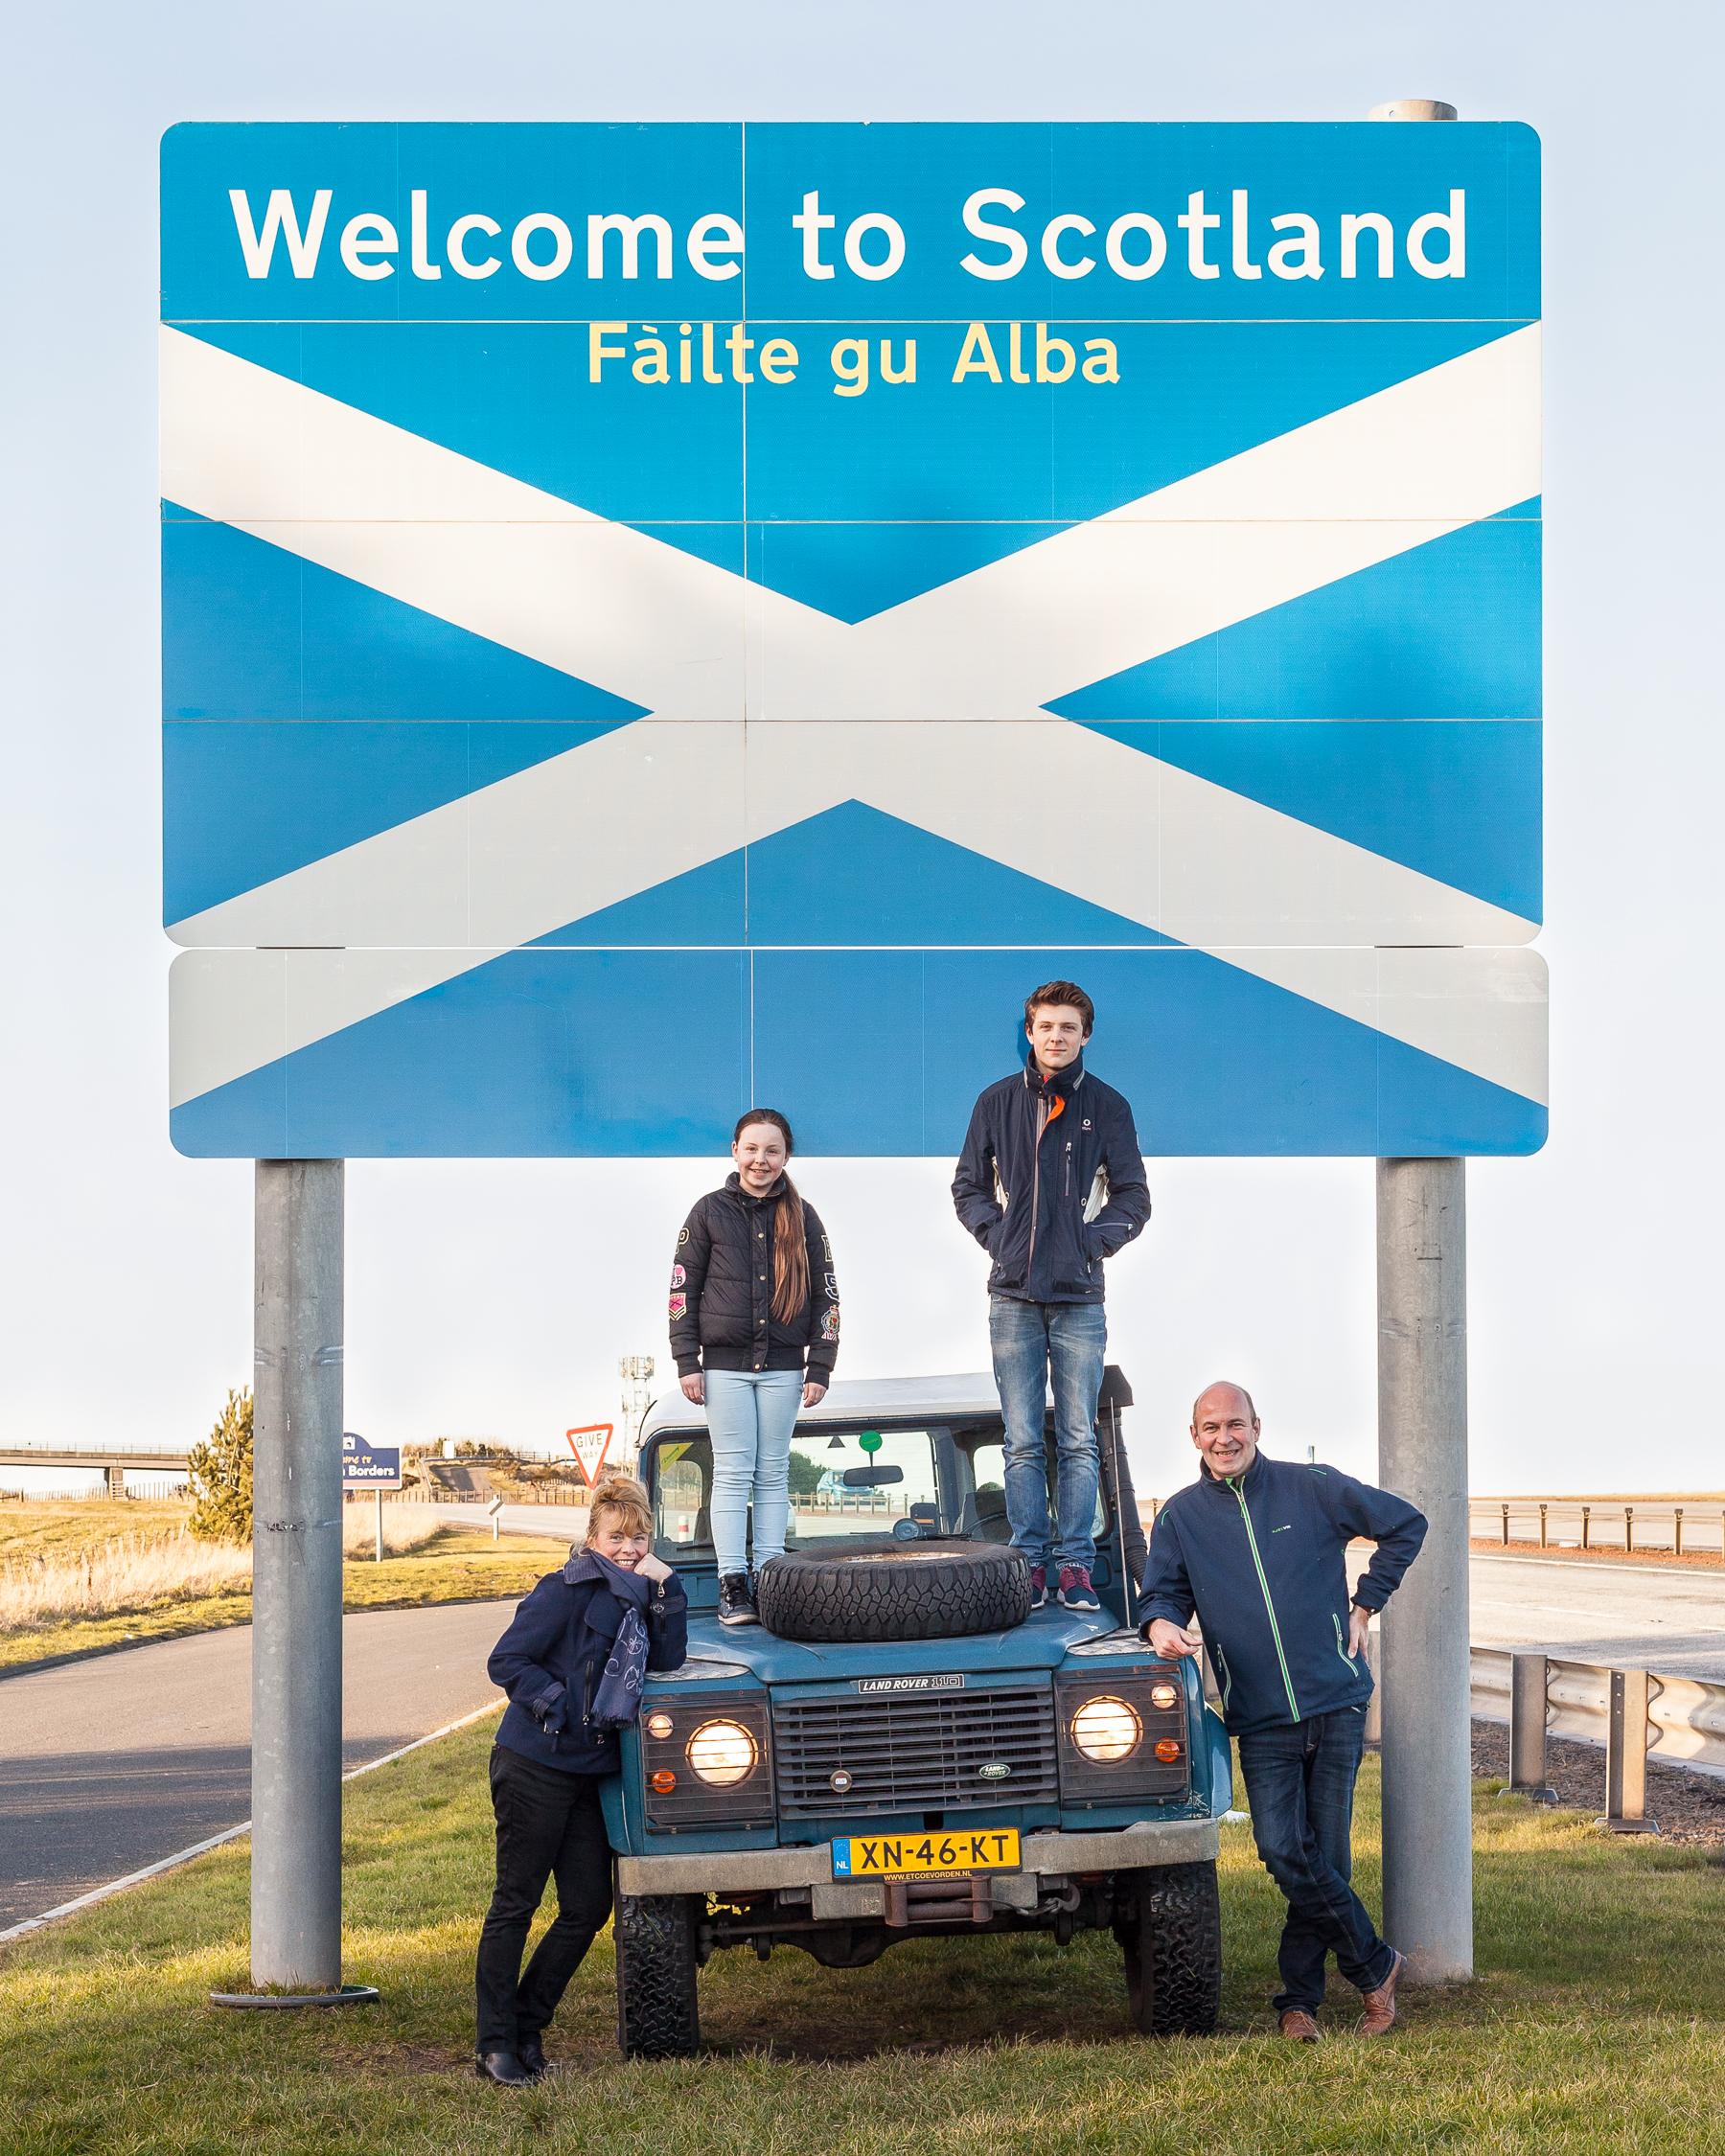 Niet eerder had ik me gerealiseerd dat de kleur van de Land Rover zo goed bij Schotland past.